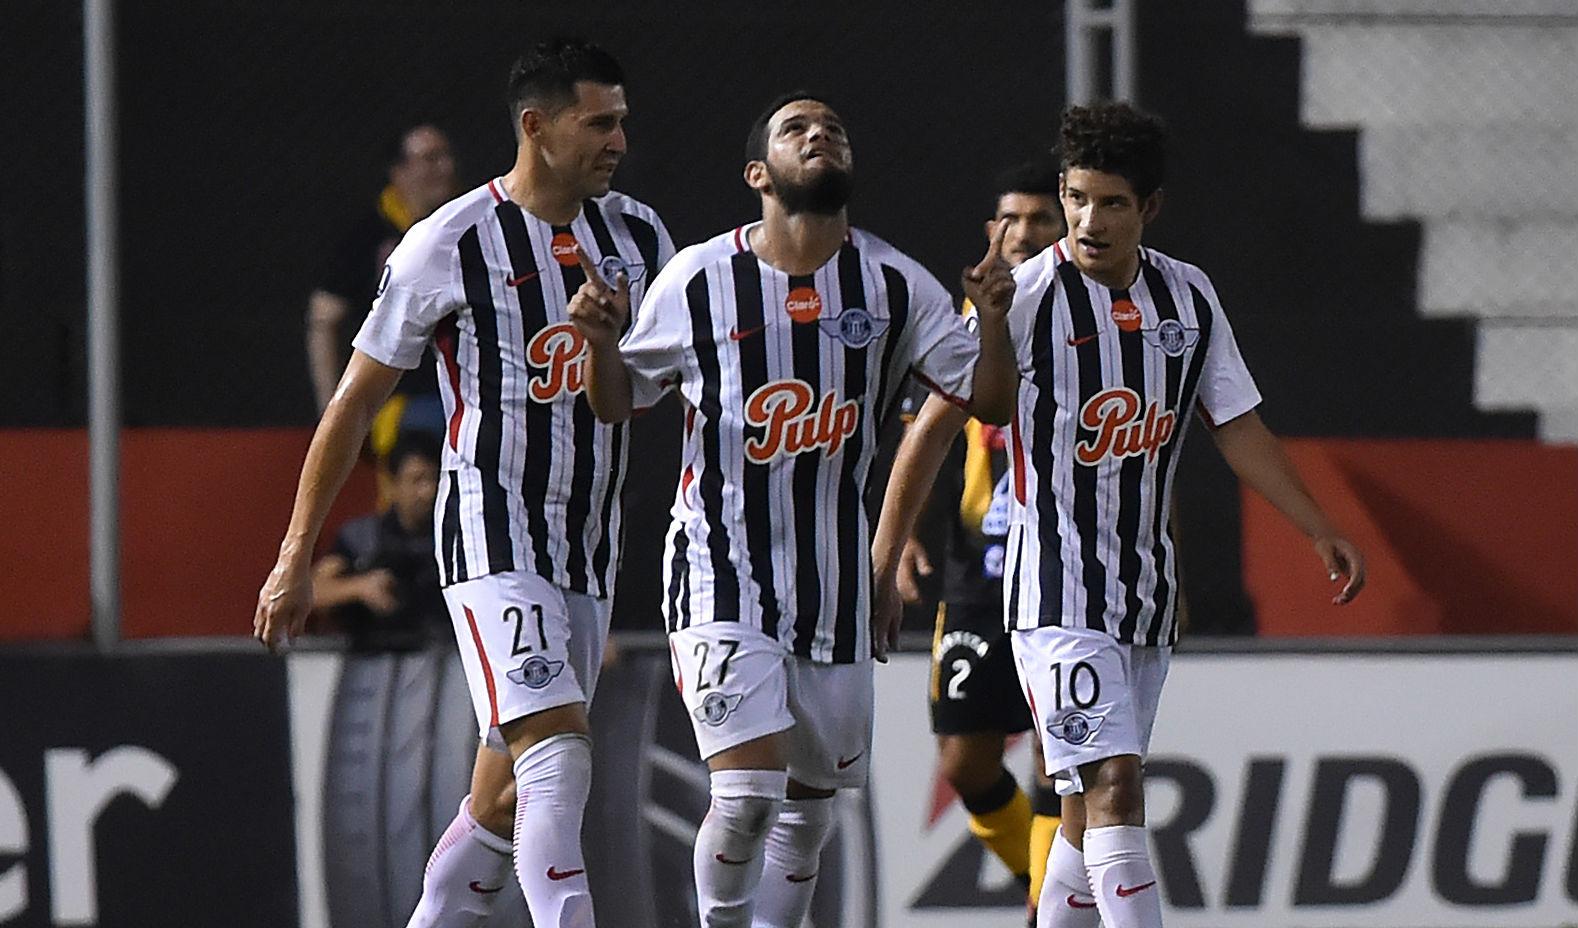 Libertad vs Peñarol EN VIVO ONLINE 0-0 por Copa Libertadores